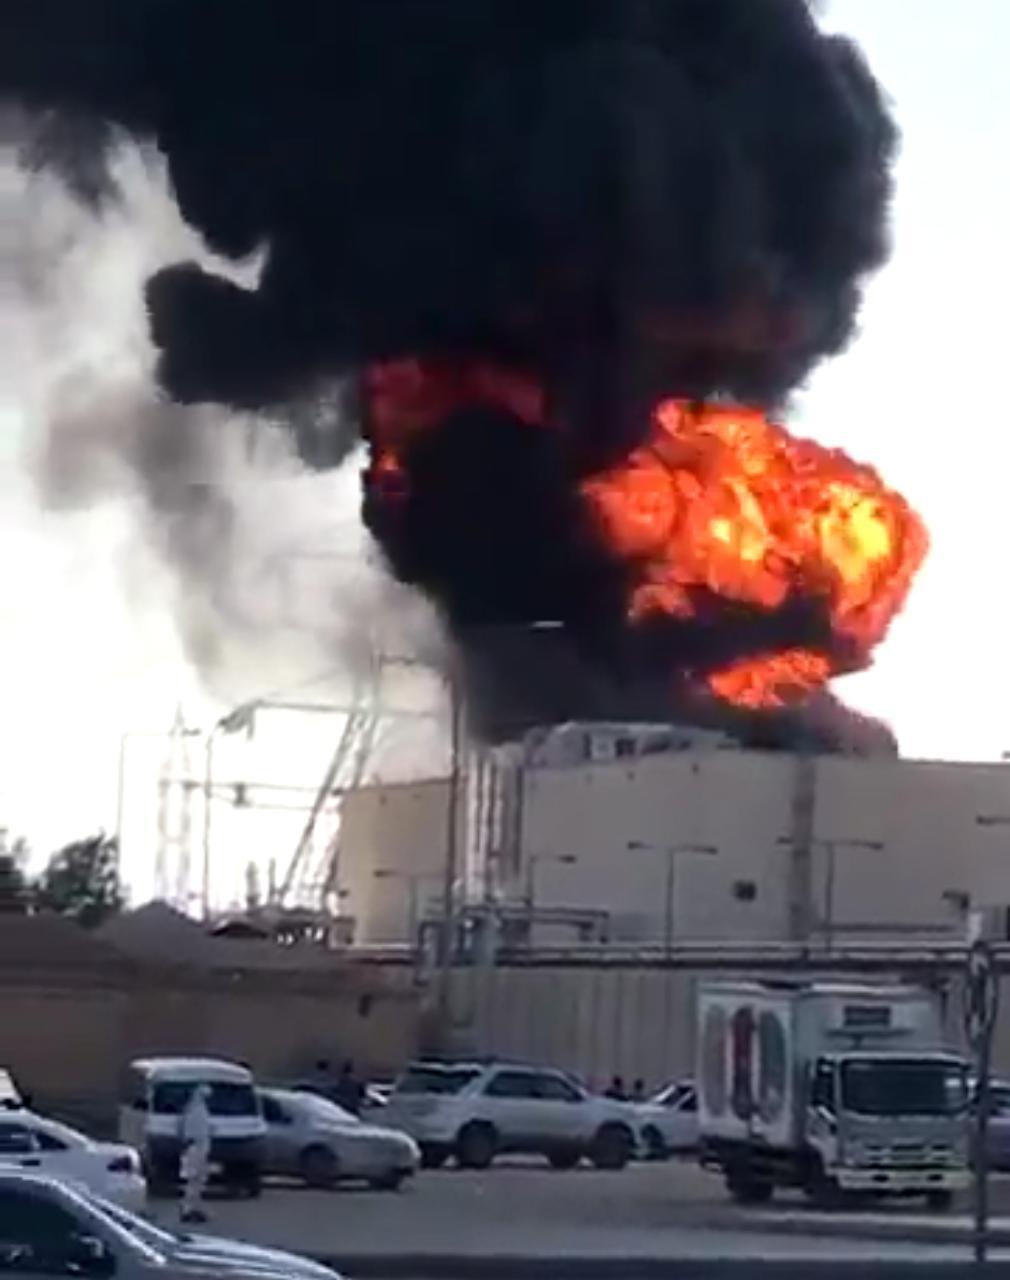 الدفاع المدني: عمليات تبريد للمحولات المحترقة في الرياض